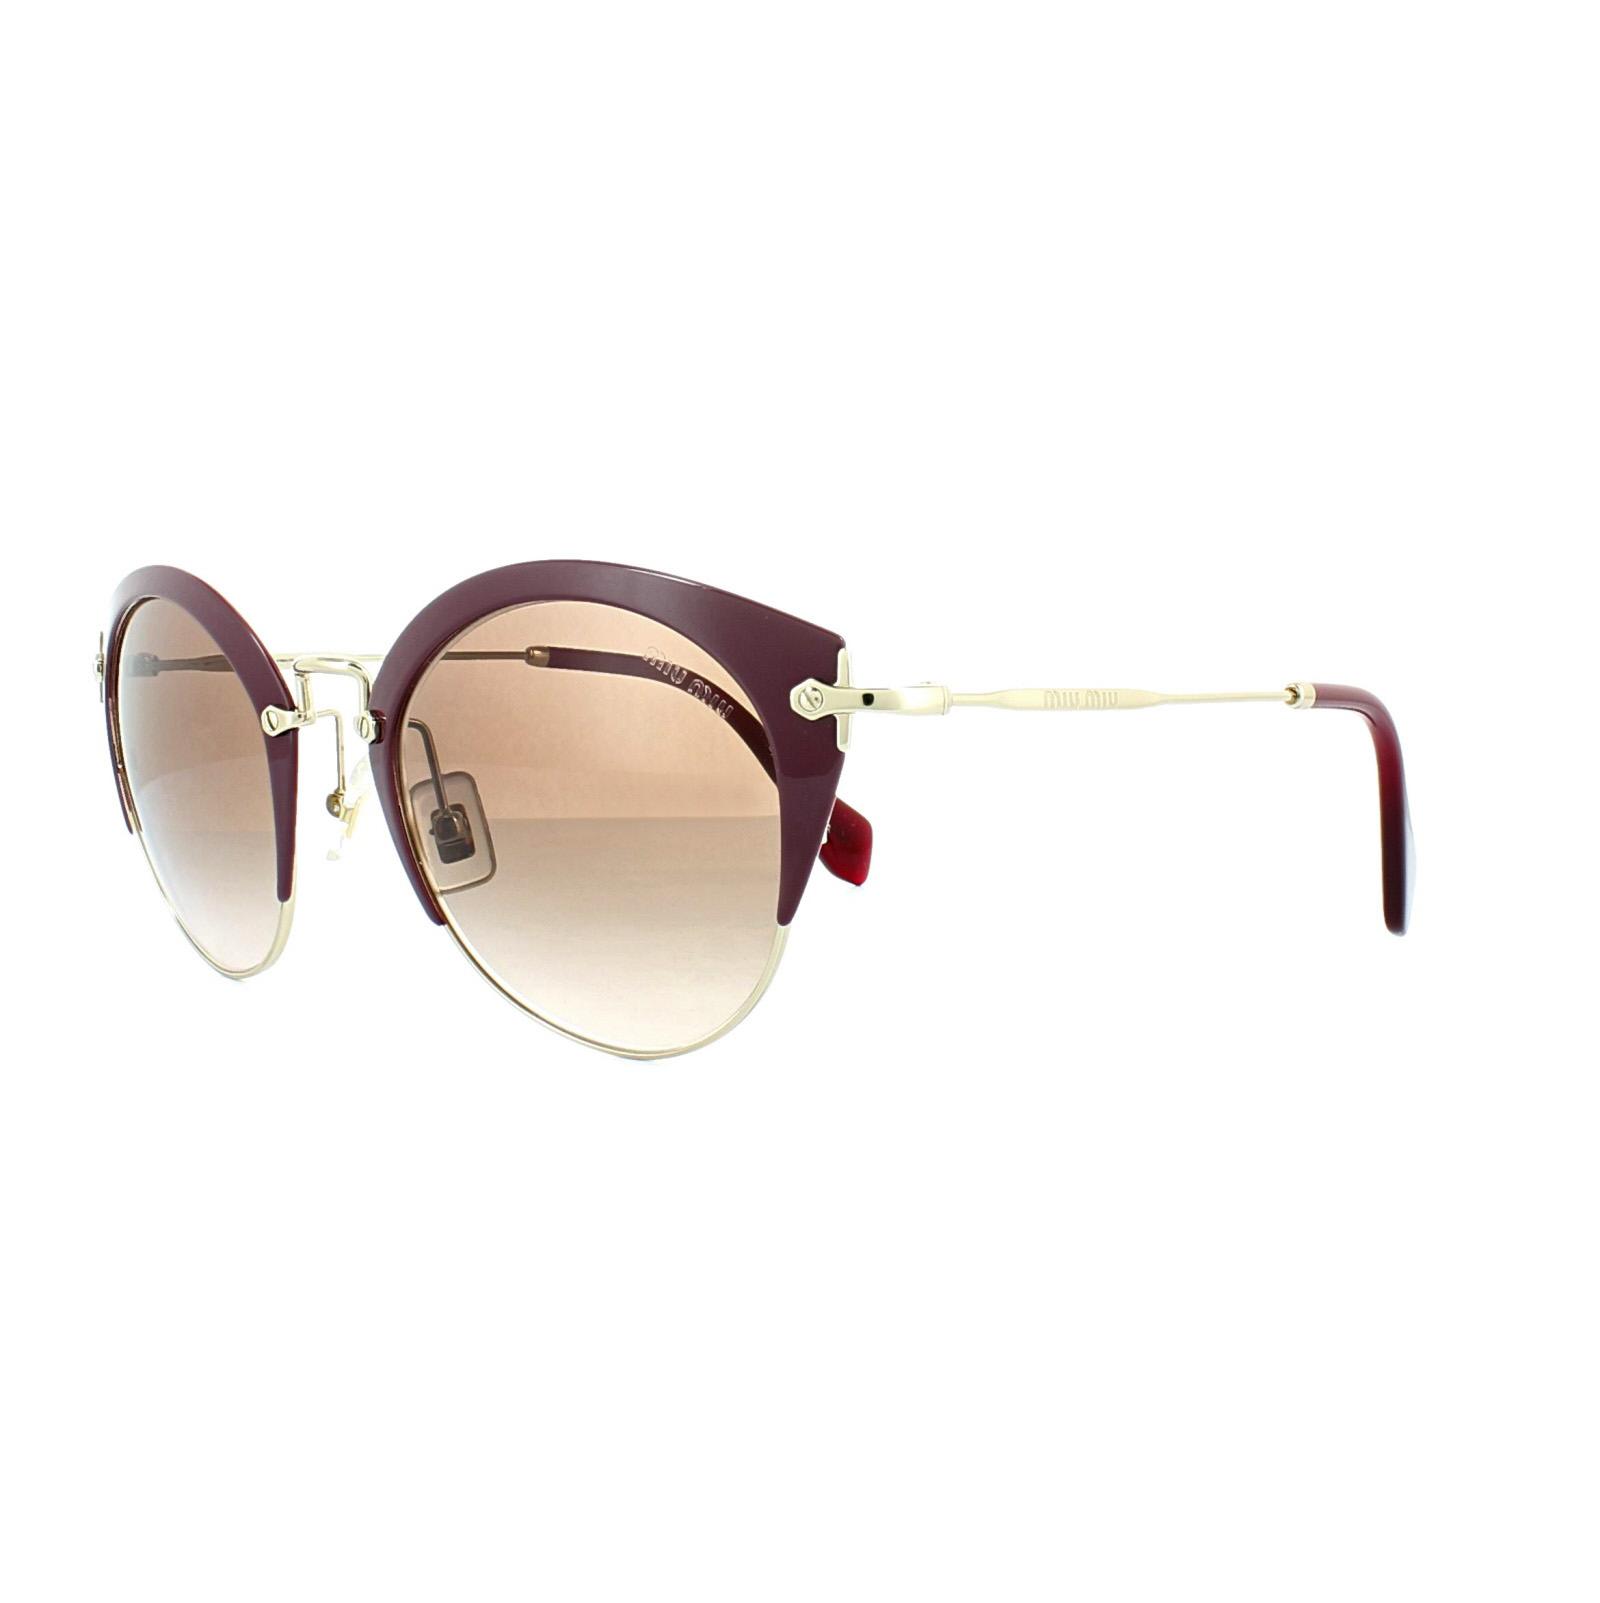 516abe96f25f Cheap Miu Miu 53RS Sunglasses - Discounted Sunglasses